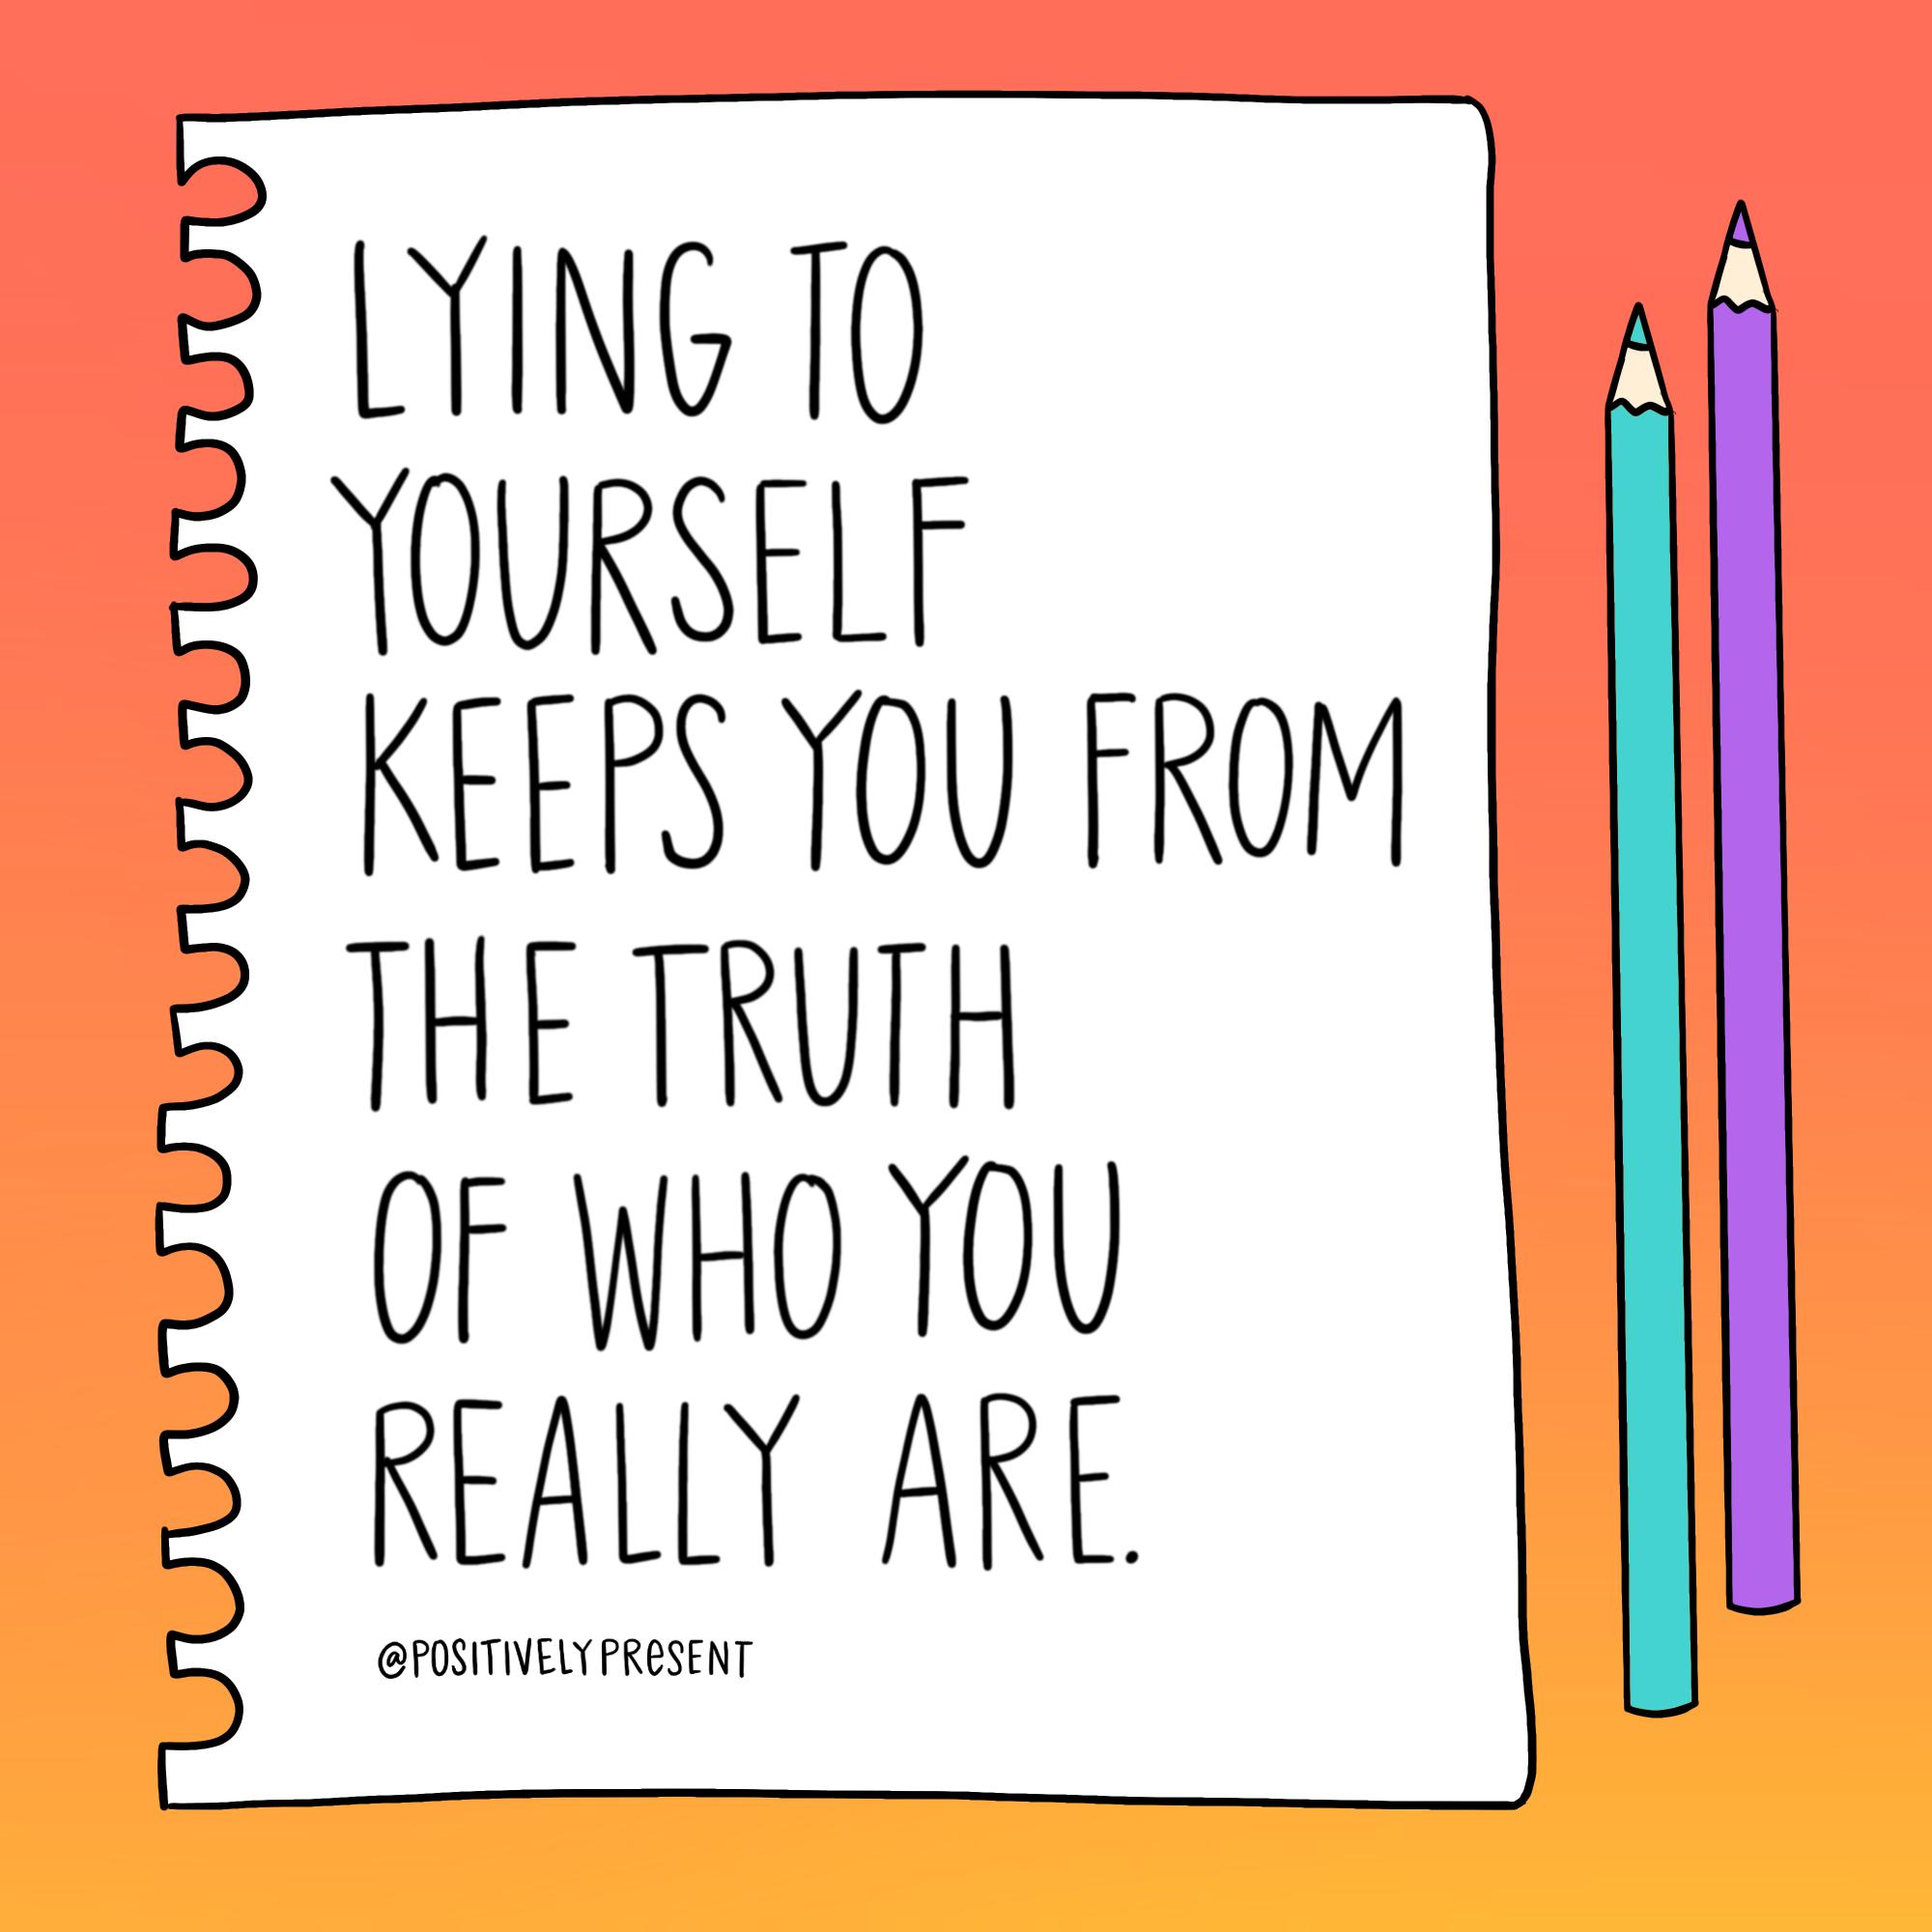 lying to yourself